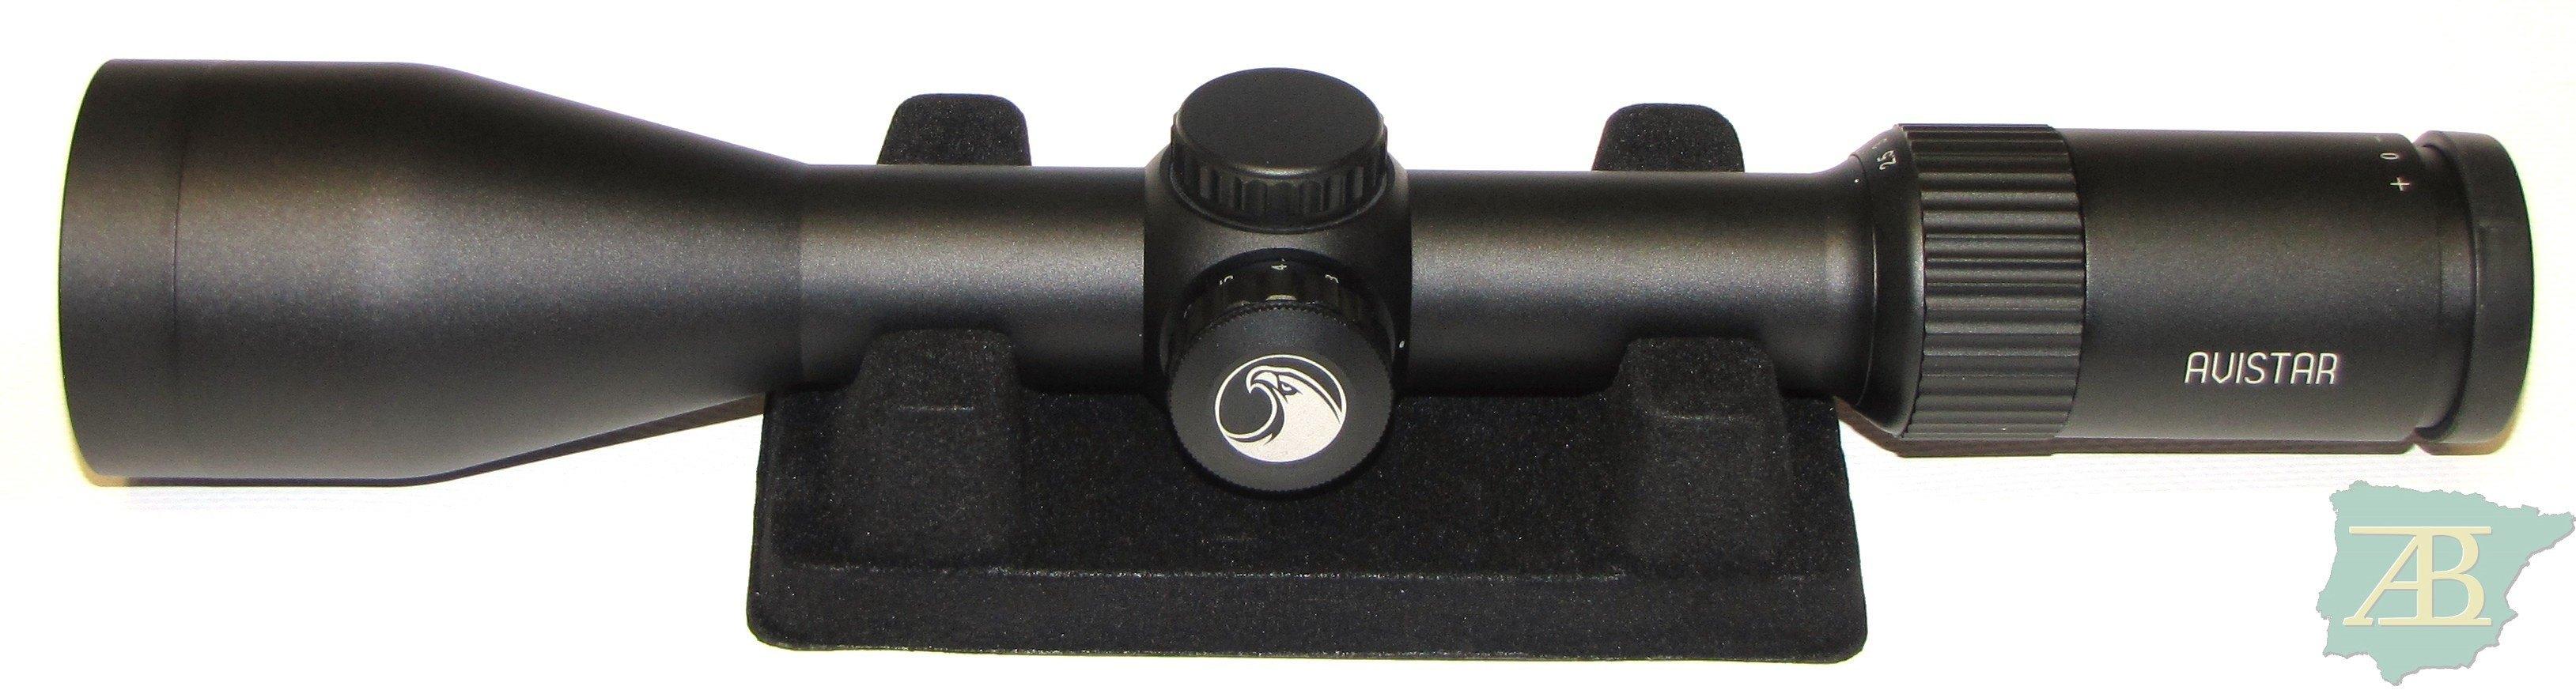 VISOR AVISTAR 2.5-10X50 Ri 4A